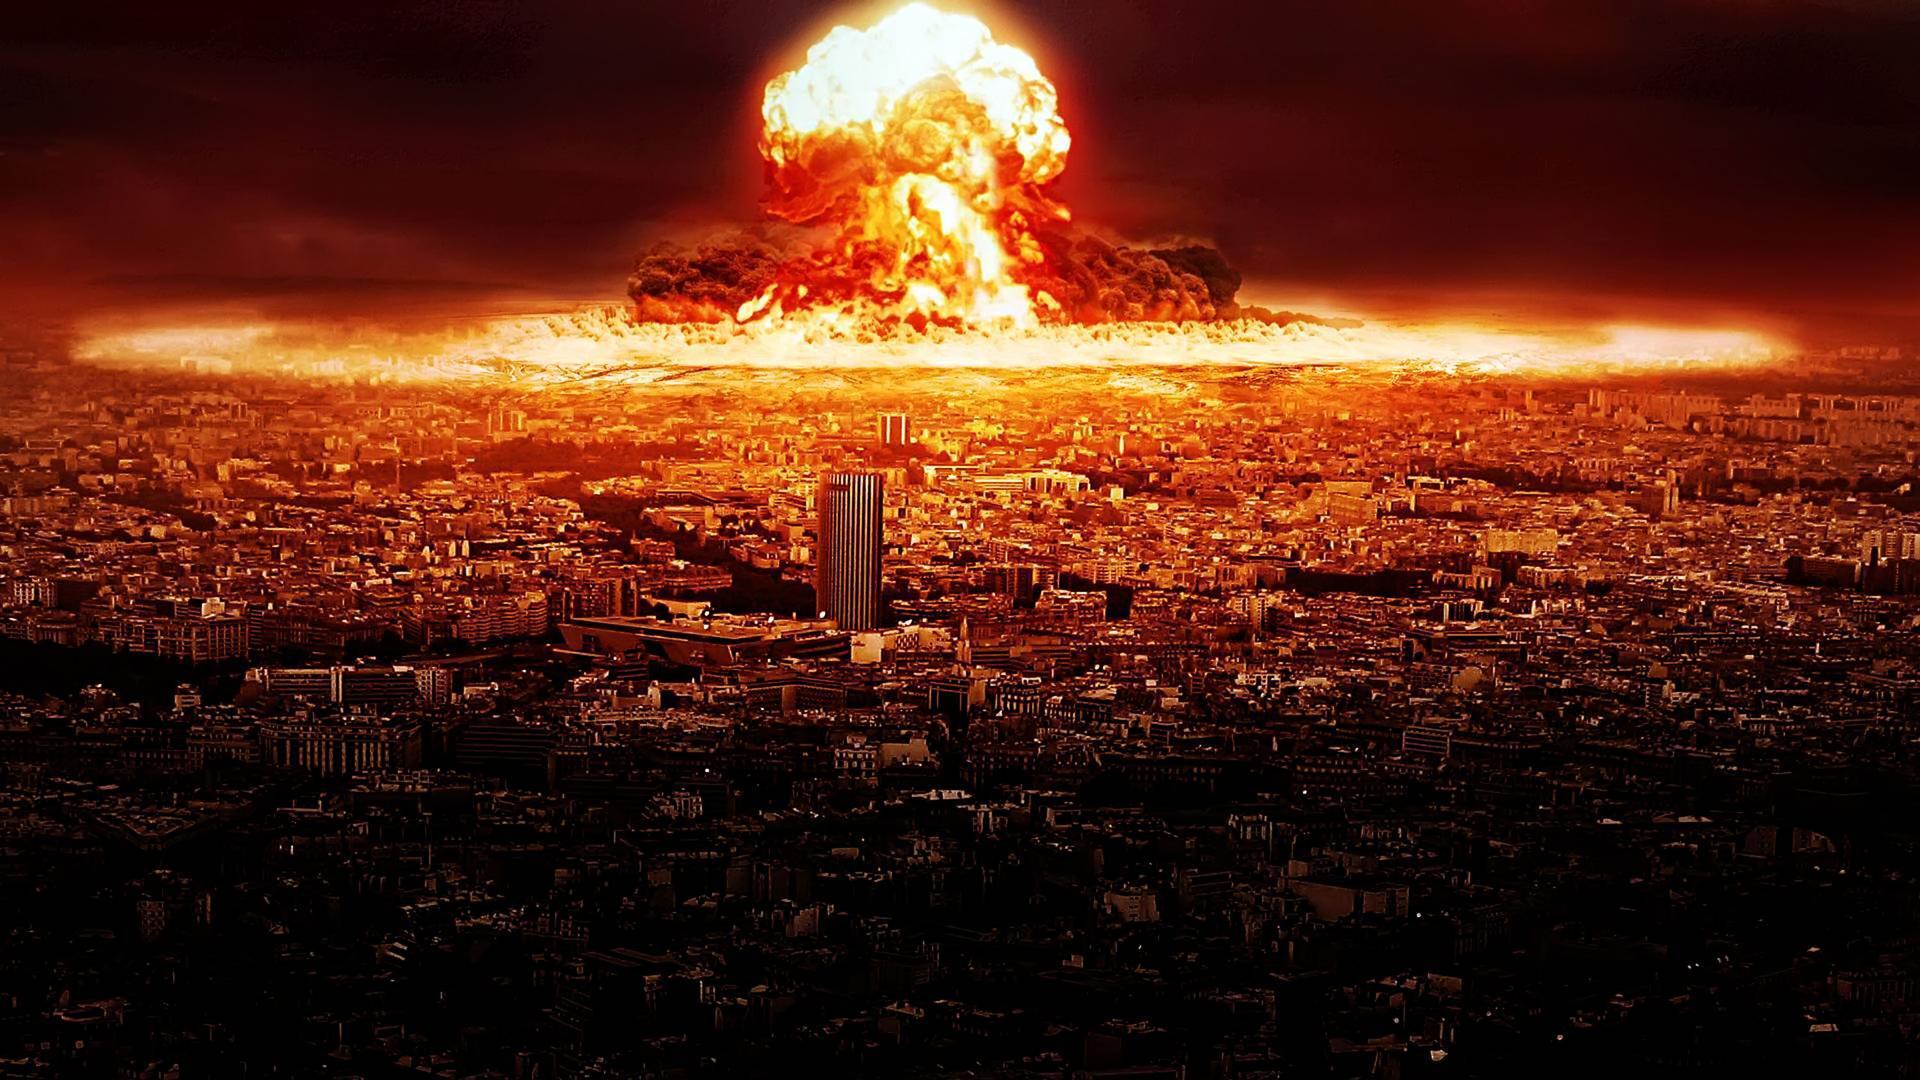 З моменту винаходу ядерної зброї світ щонайменше 22 рази опинявся на небезпечній межі